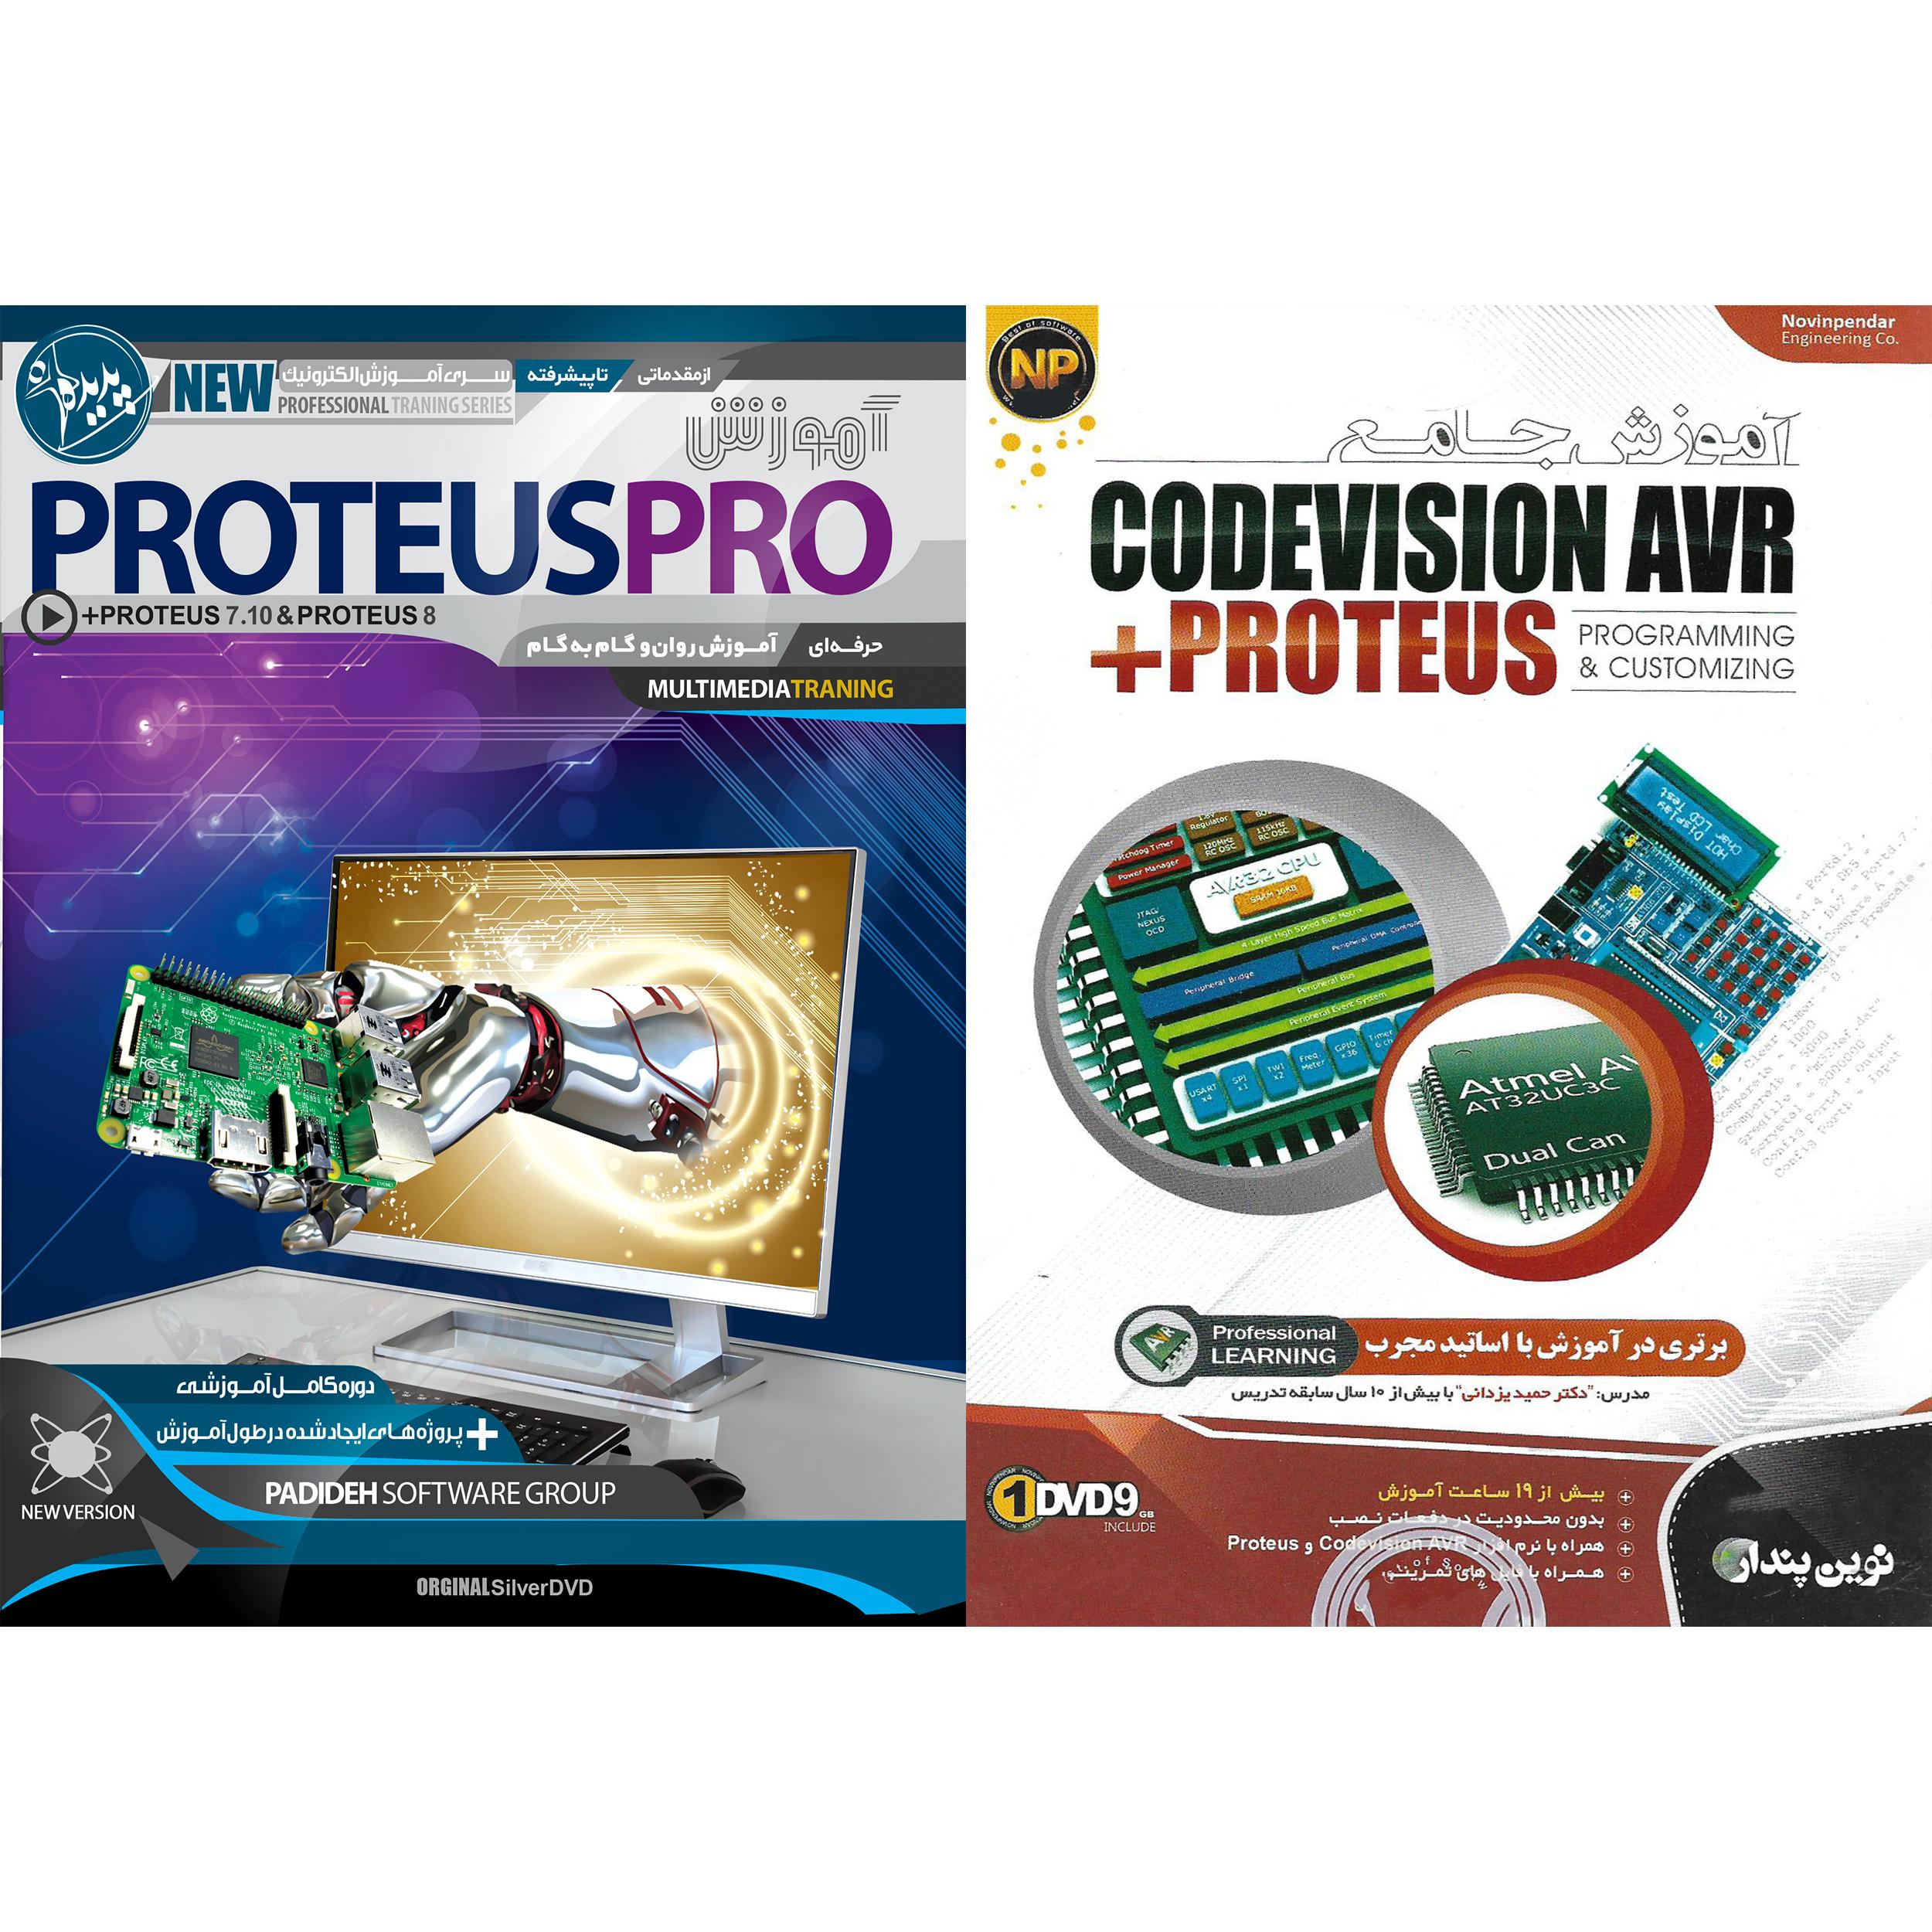 نرم افزار آموزش CODEVISION AVR + PROTEUS نشر نوین پندار به همراه نرم افزار آموزش PROTEUS PRO نشر پدیده